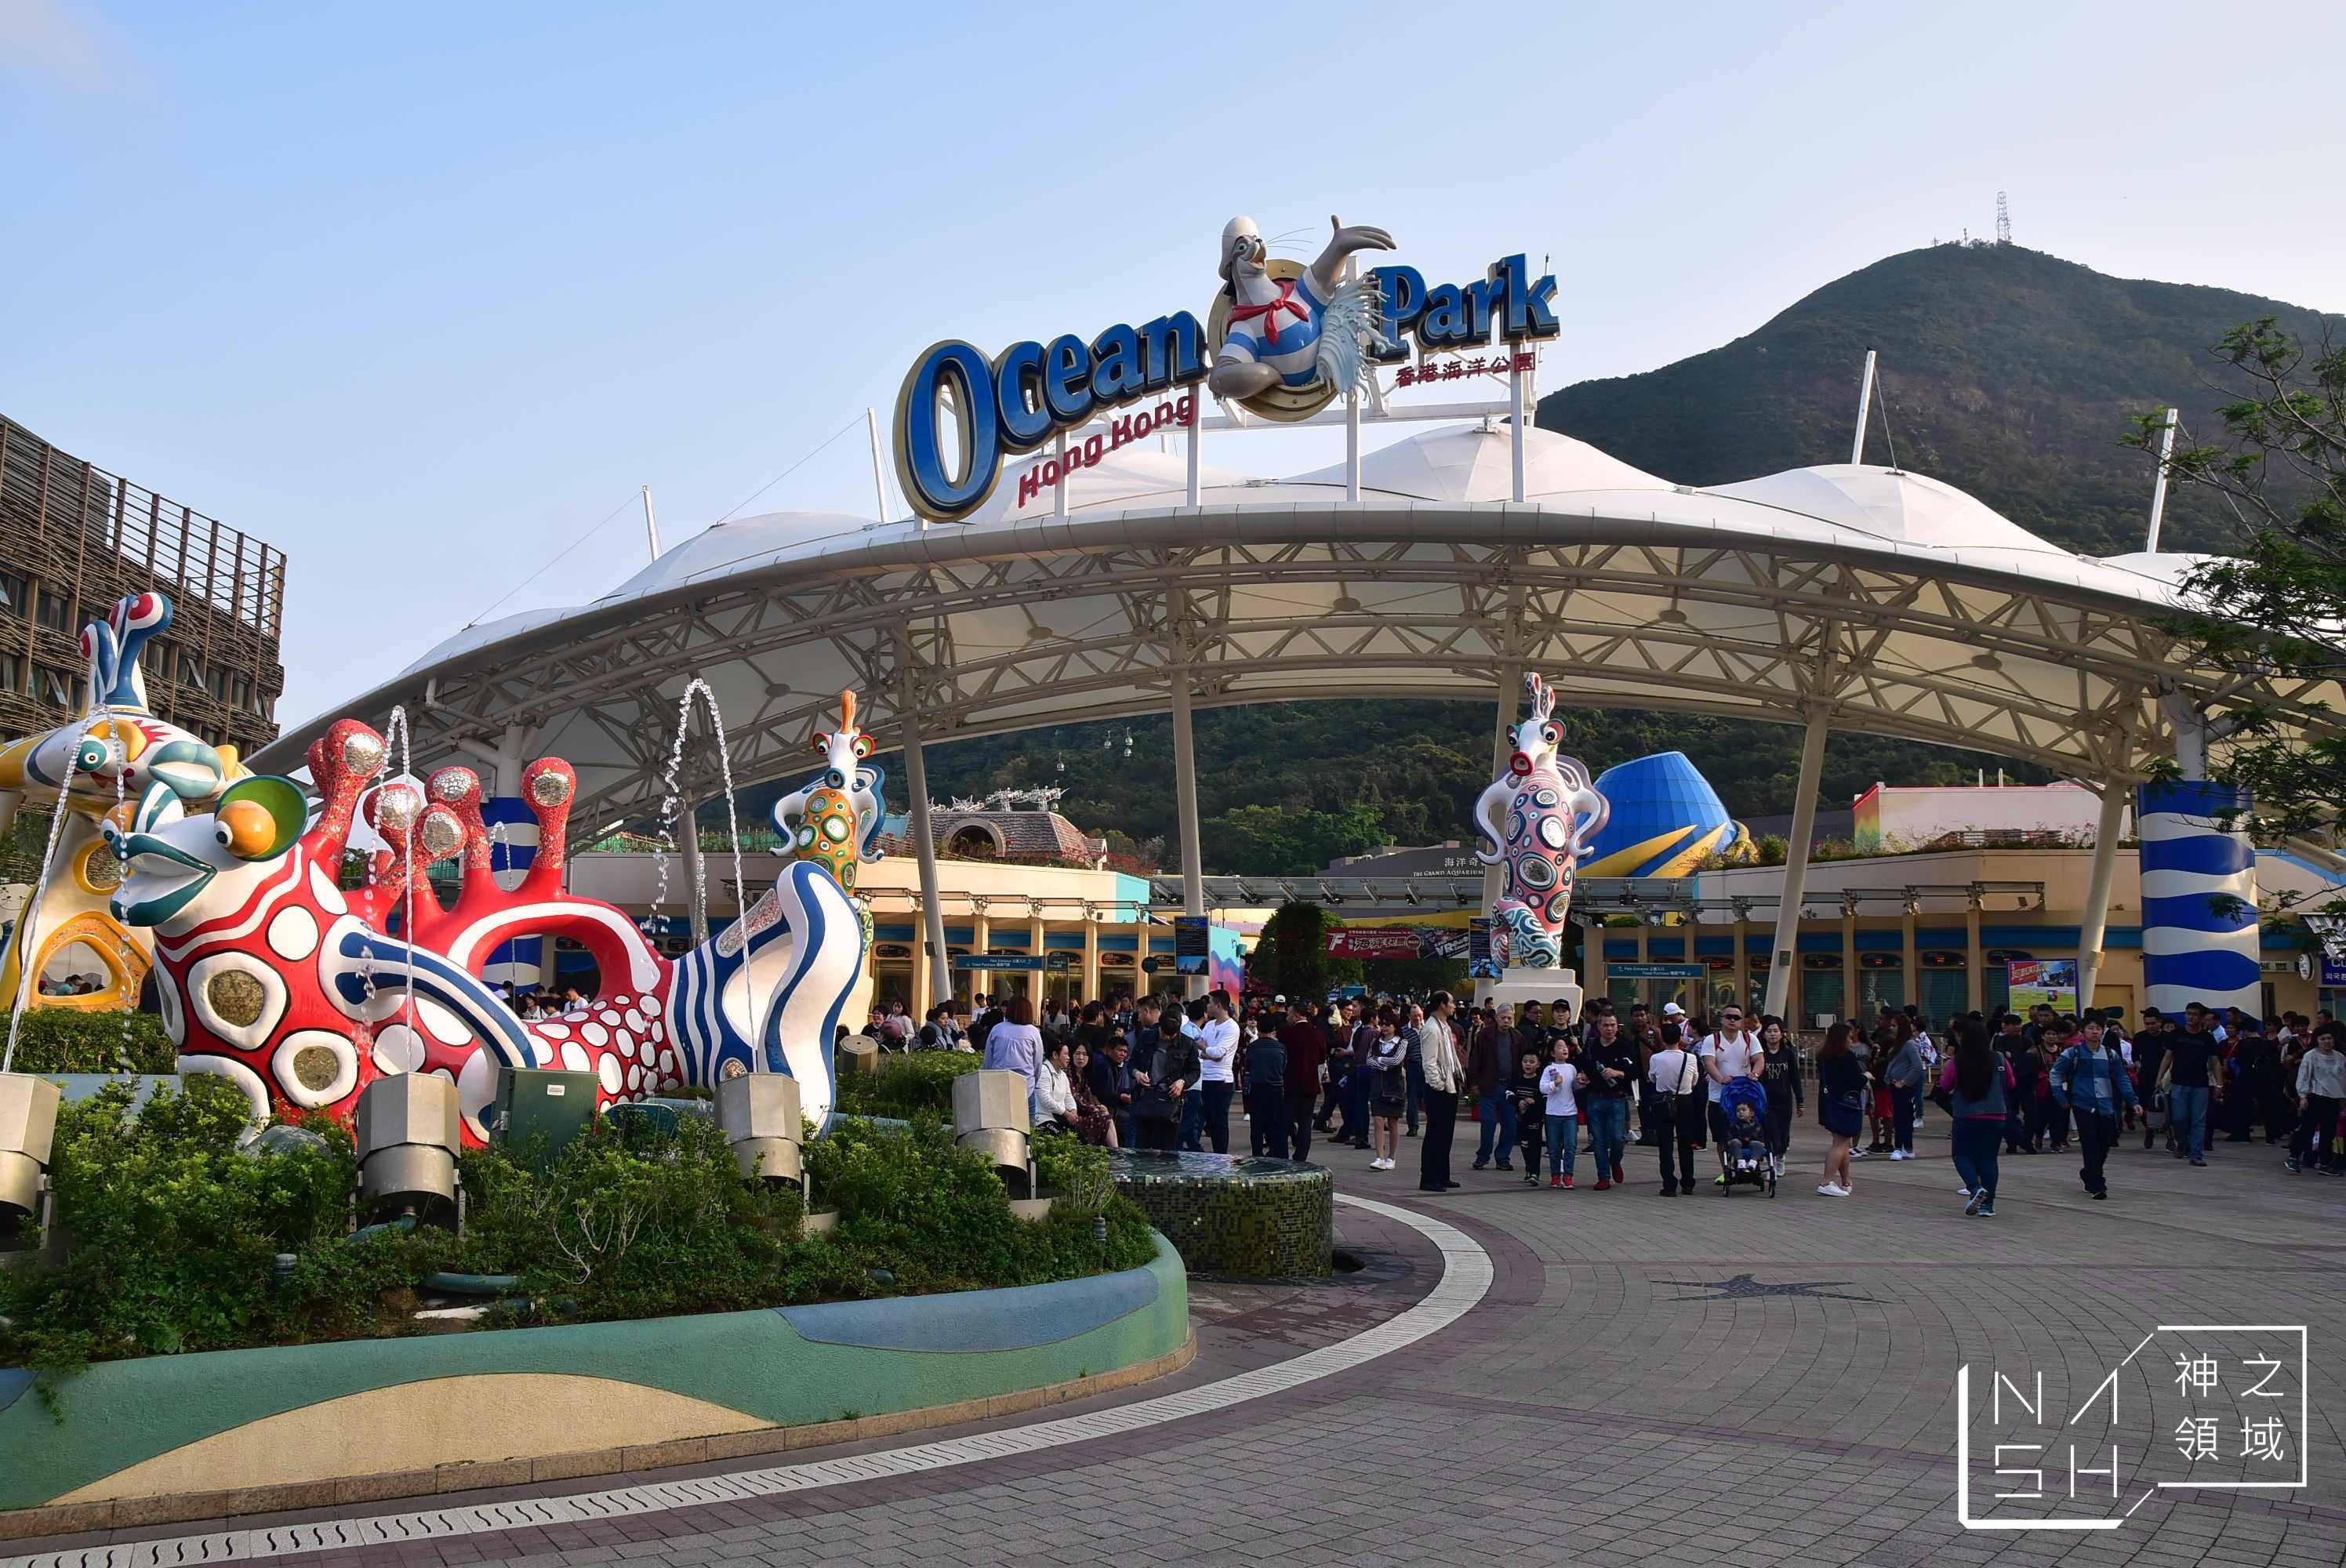 香港海洋公園,海洋公園門票優惠,海洋公園交通,海洋公園攻略 @Nash,神之領域